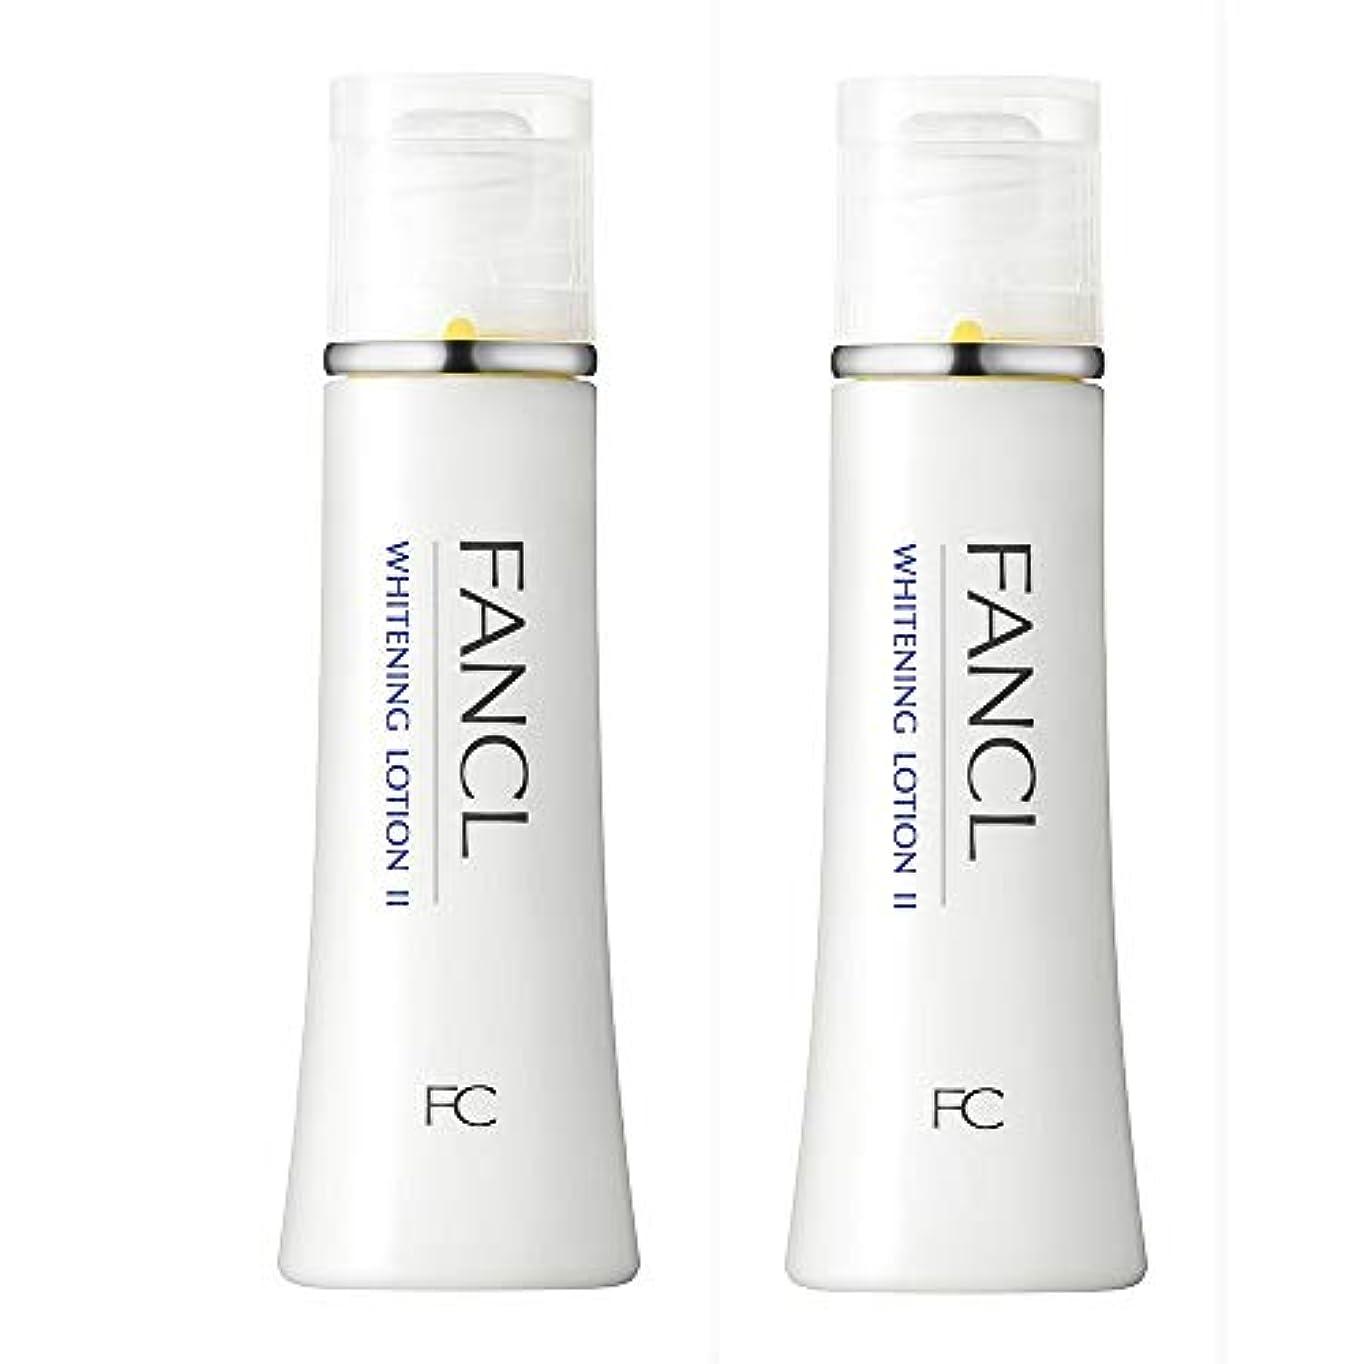 商品動員する革命的ファンケル(FANCL) 新ホワイトニング 化粧液 II しっとり 2本セット<医薬部外品>